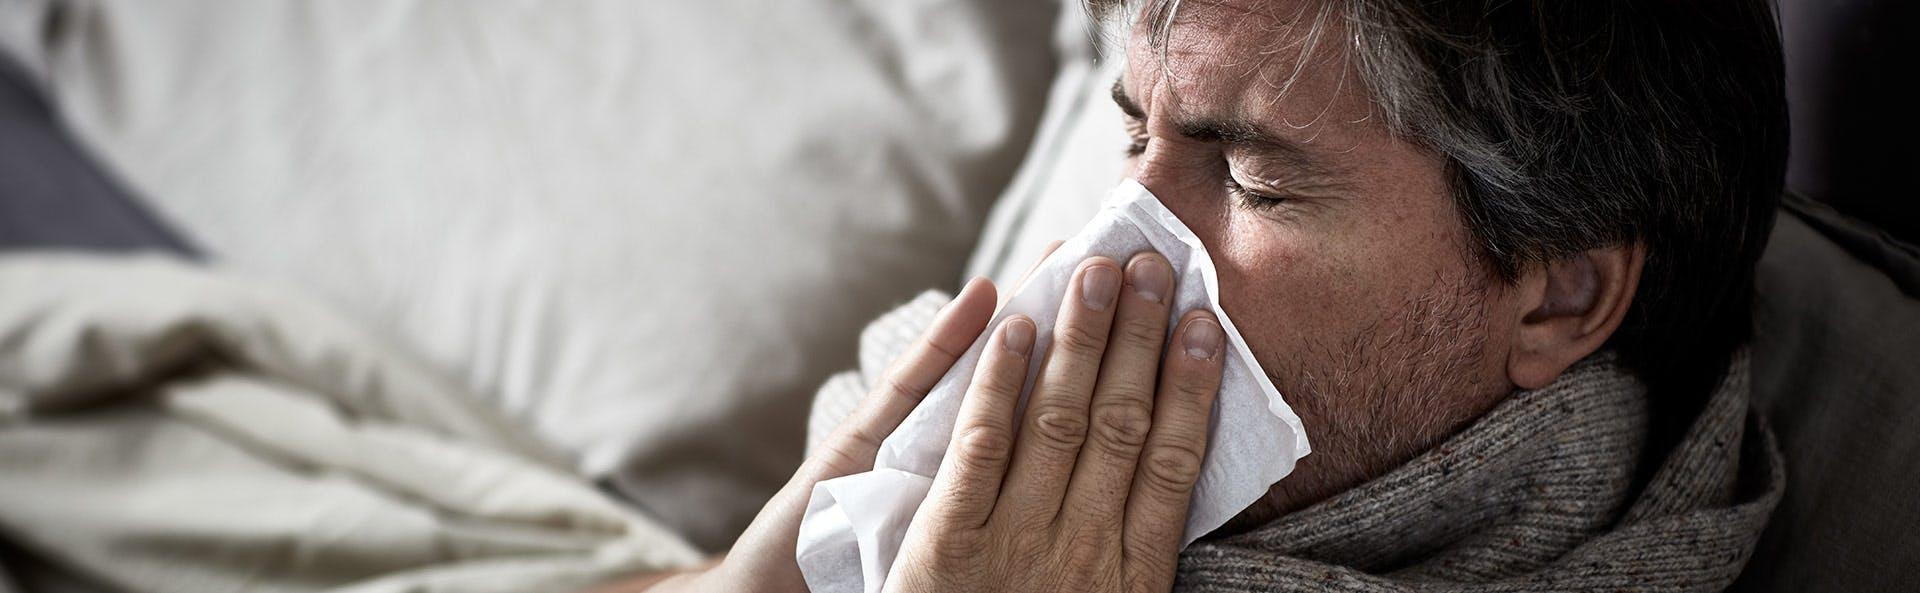 Hombre con congestión nasal limpiando su nariz.